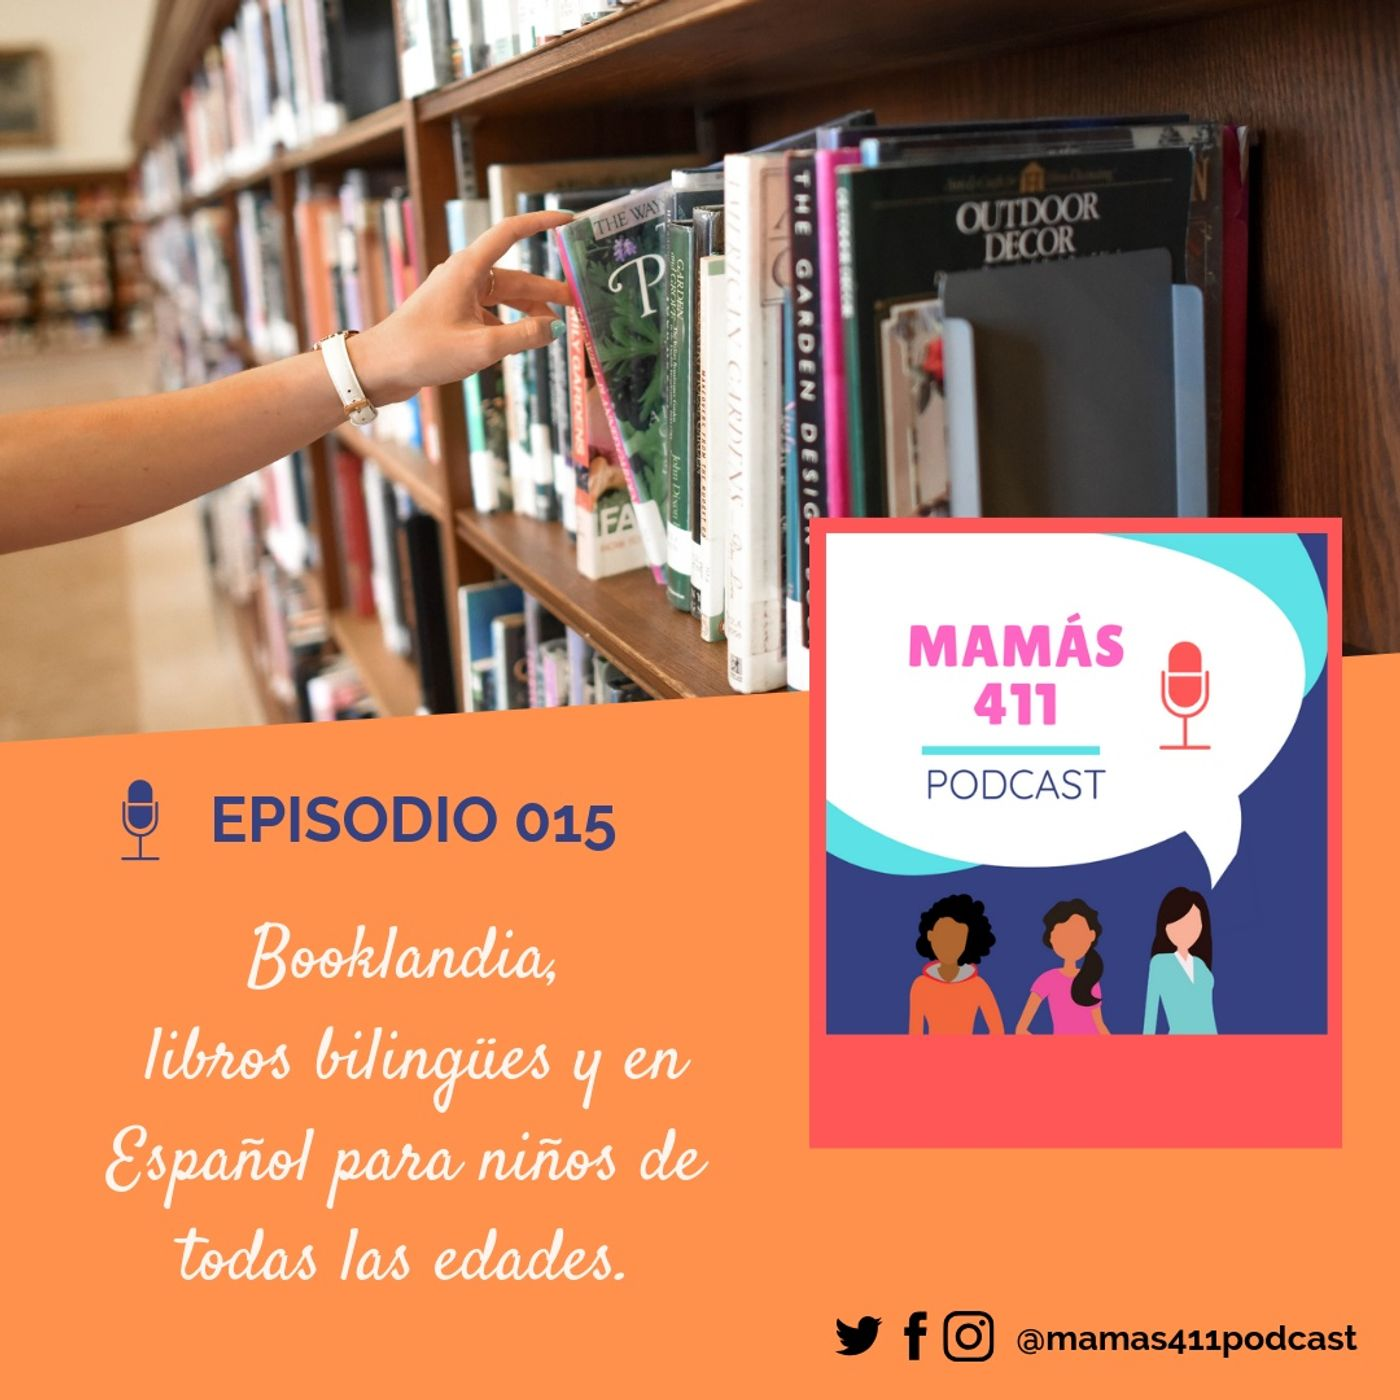 015 - Booklandia, libros bilingües y en español para niños de todas las edades.